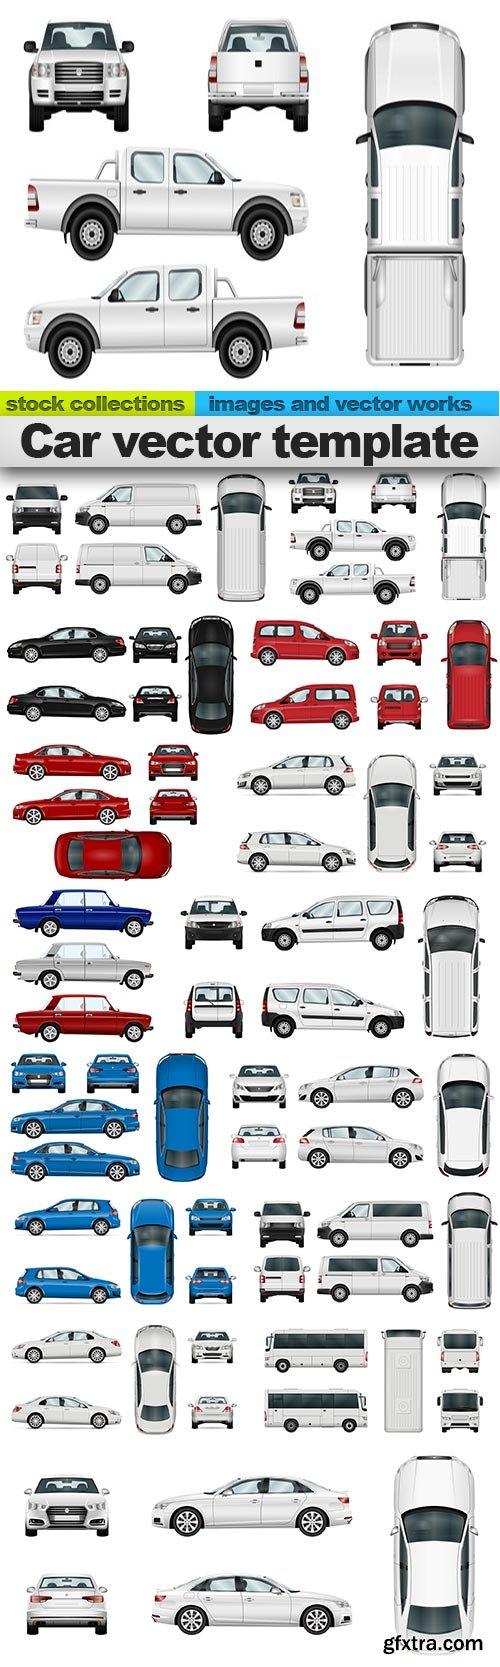 Car vector template, 15 x EPS